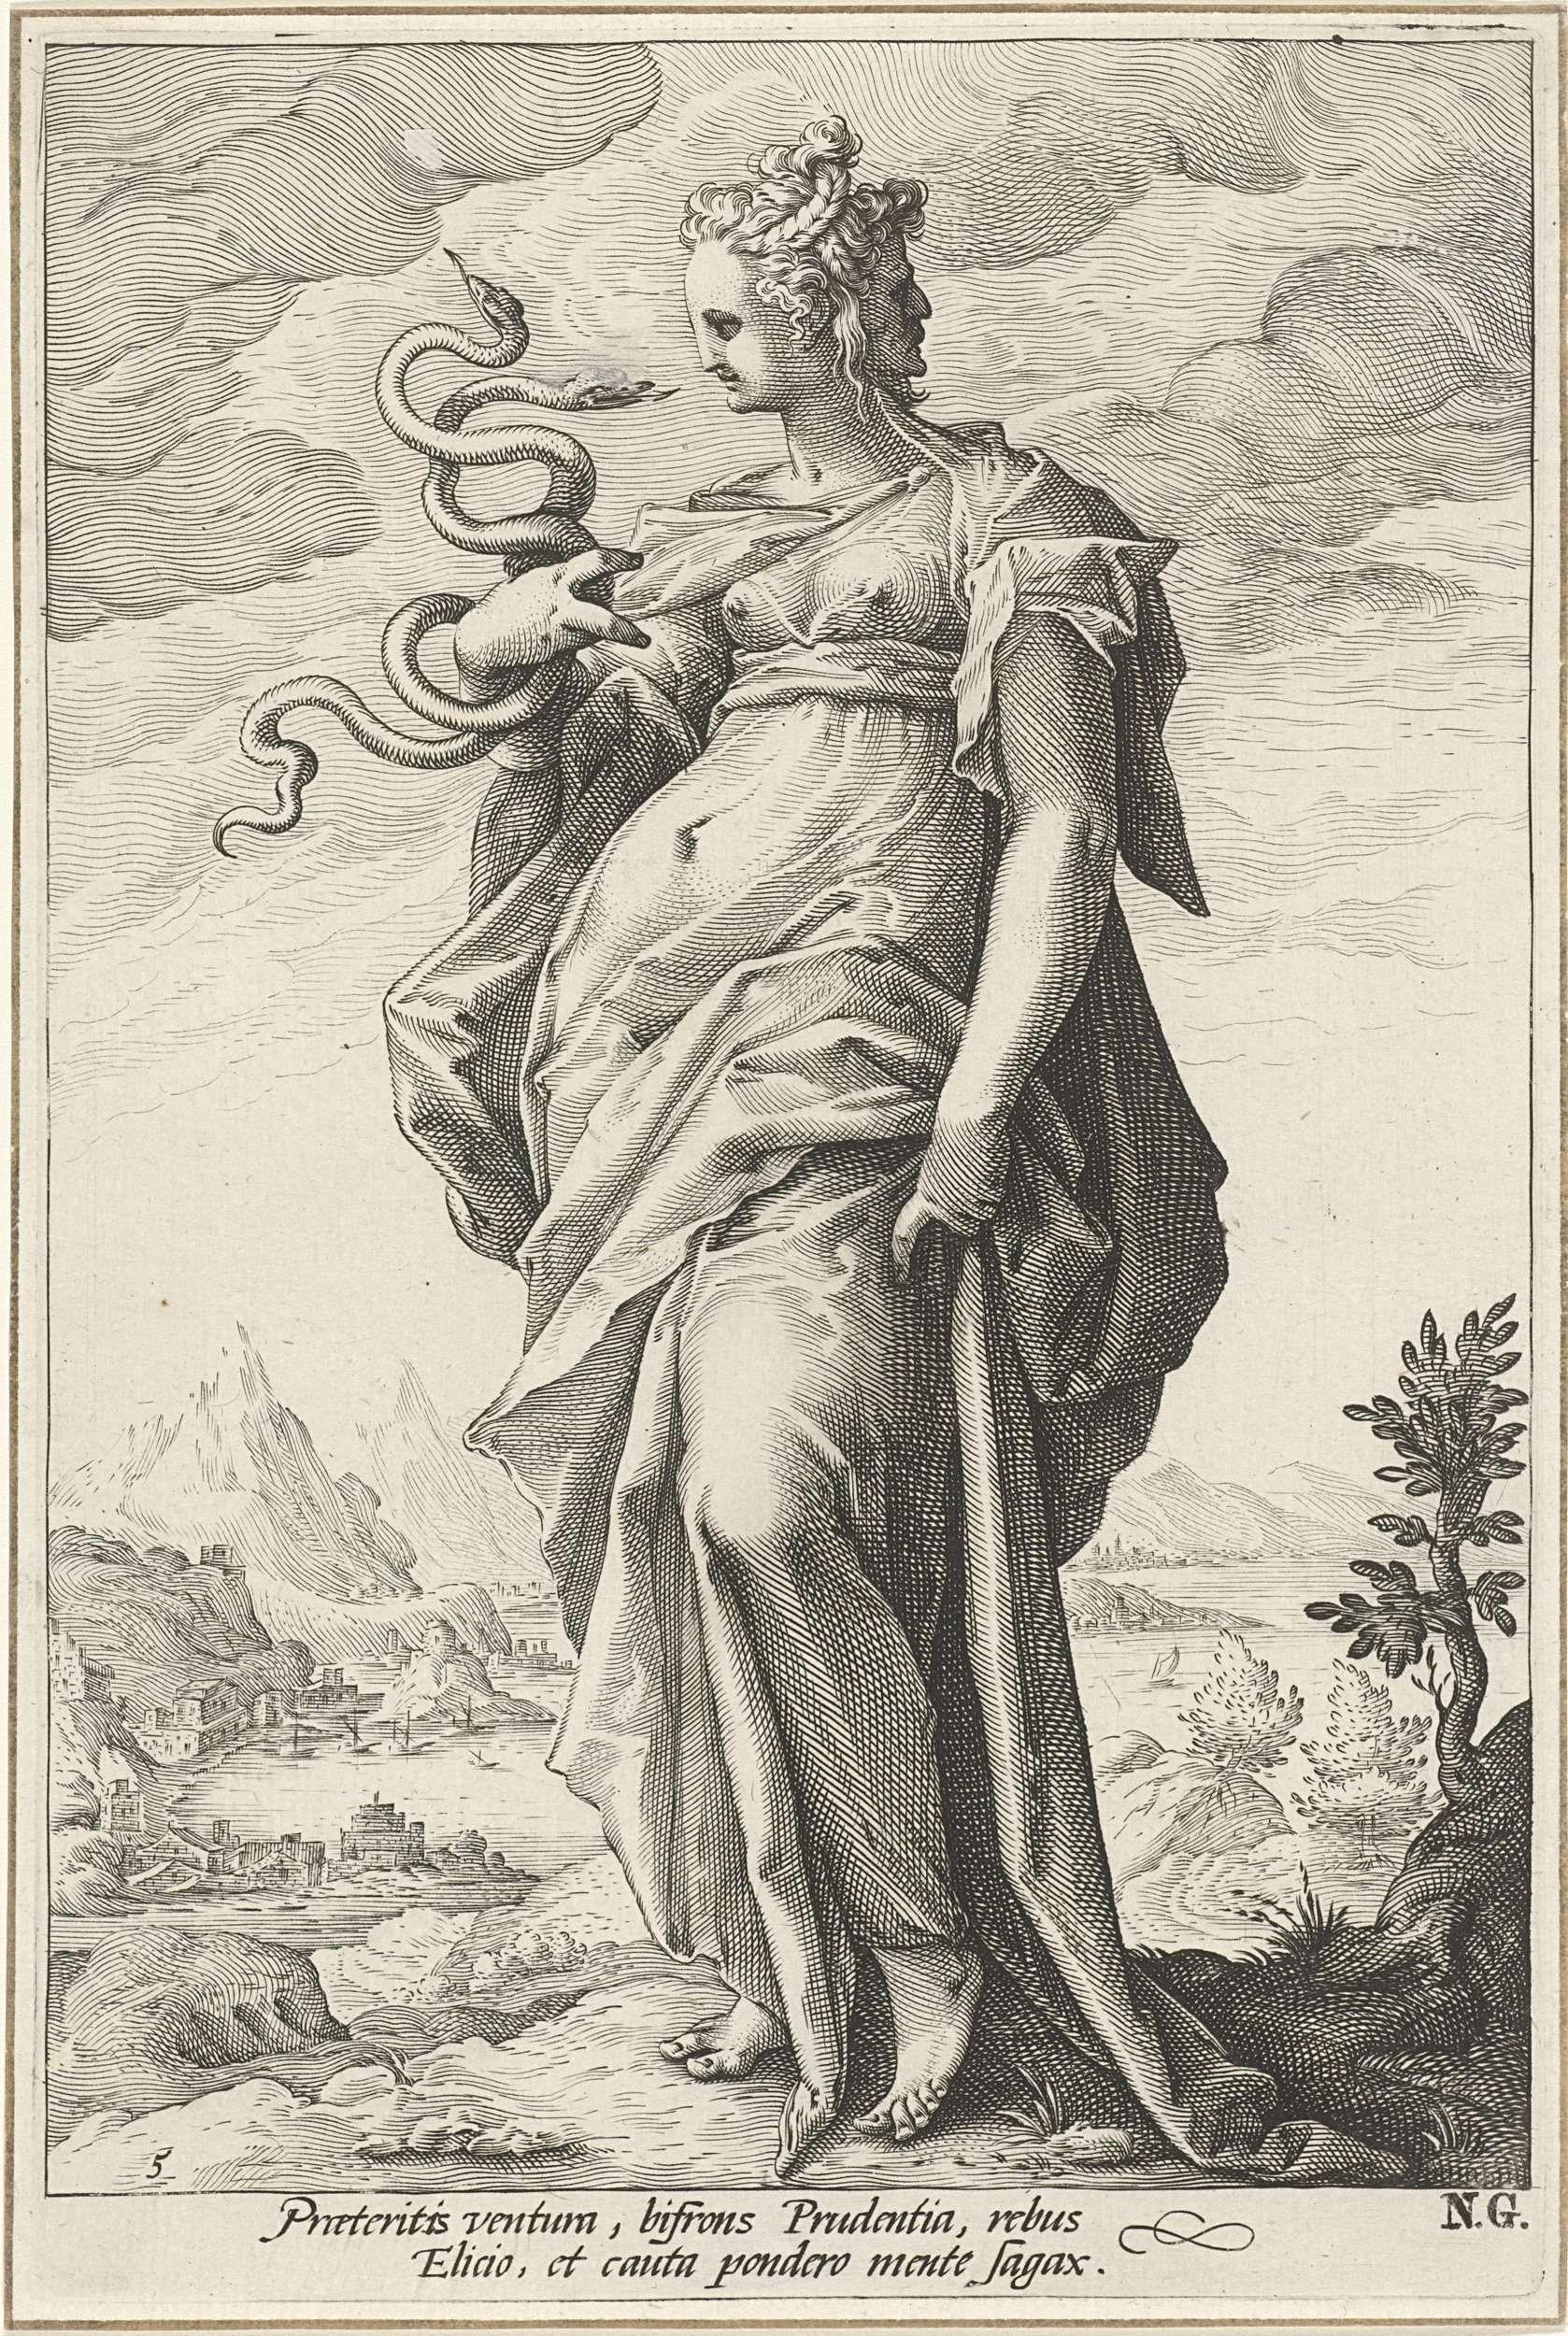 Hendrick Goltzius | Voorzichtigheid (Prudentia), Hendrick Goltzius, 1585 - 1589 | De gepersonifieerde Voorzichtheid; een vrouwenfiguur met twee slangen in haar hand en een tweede gezicht op haar achterhoofd.